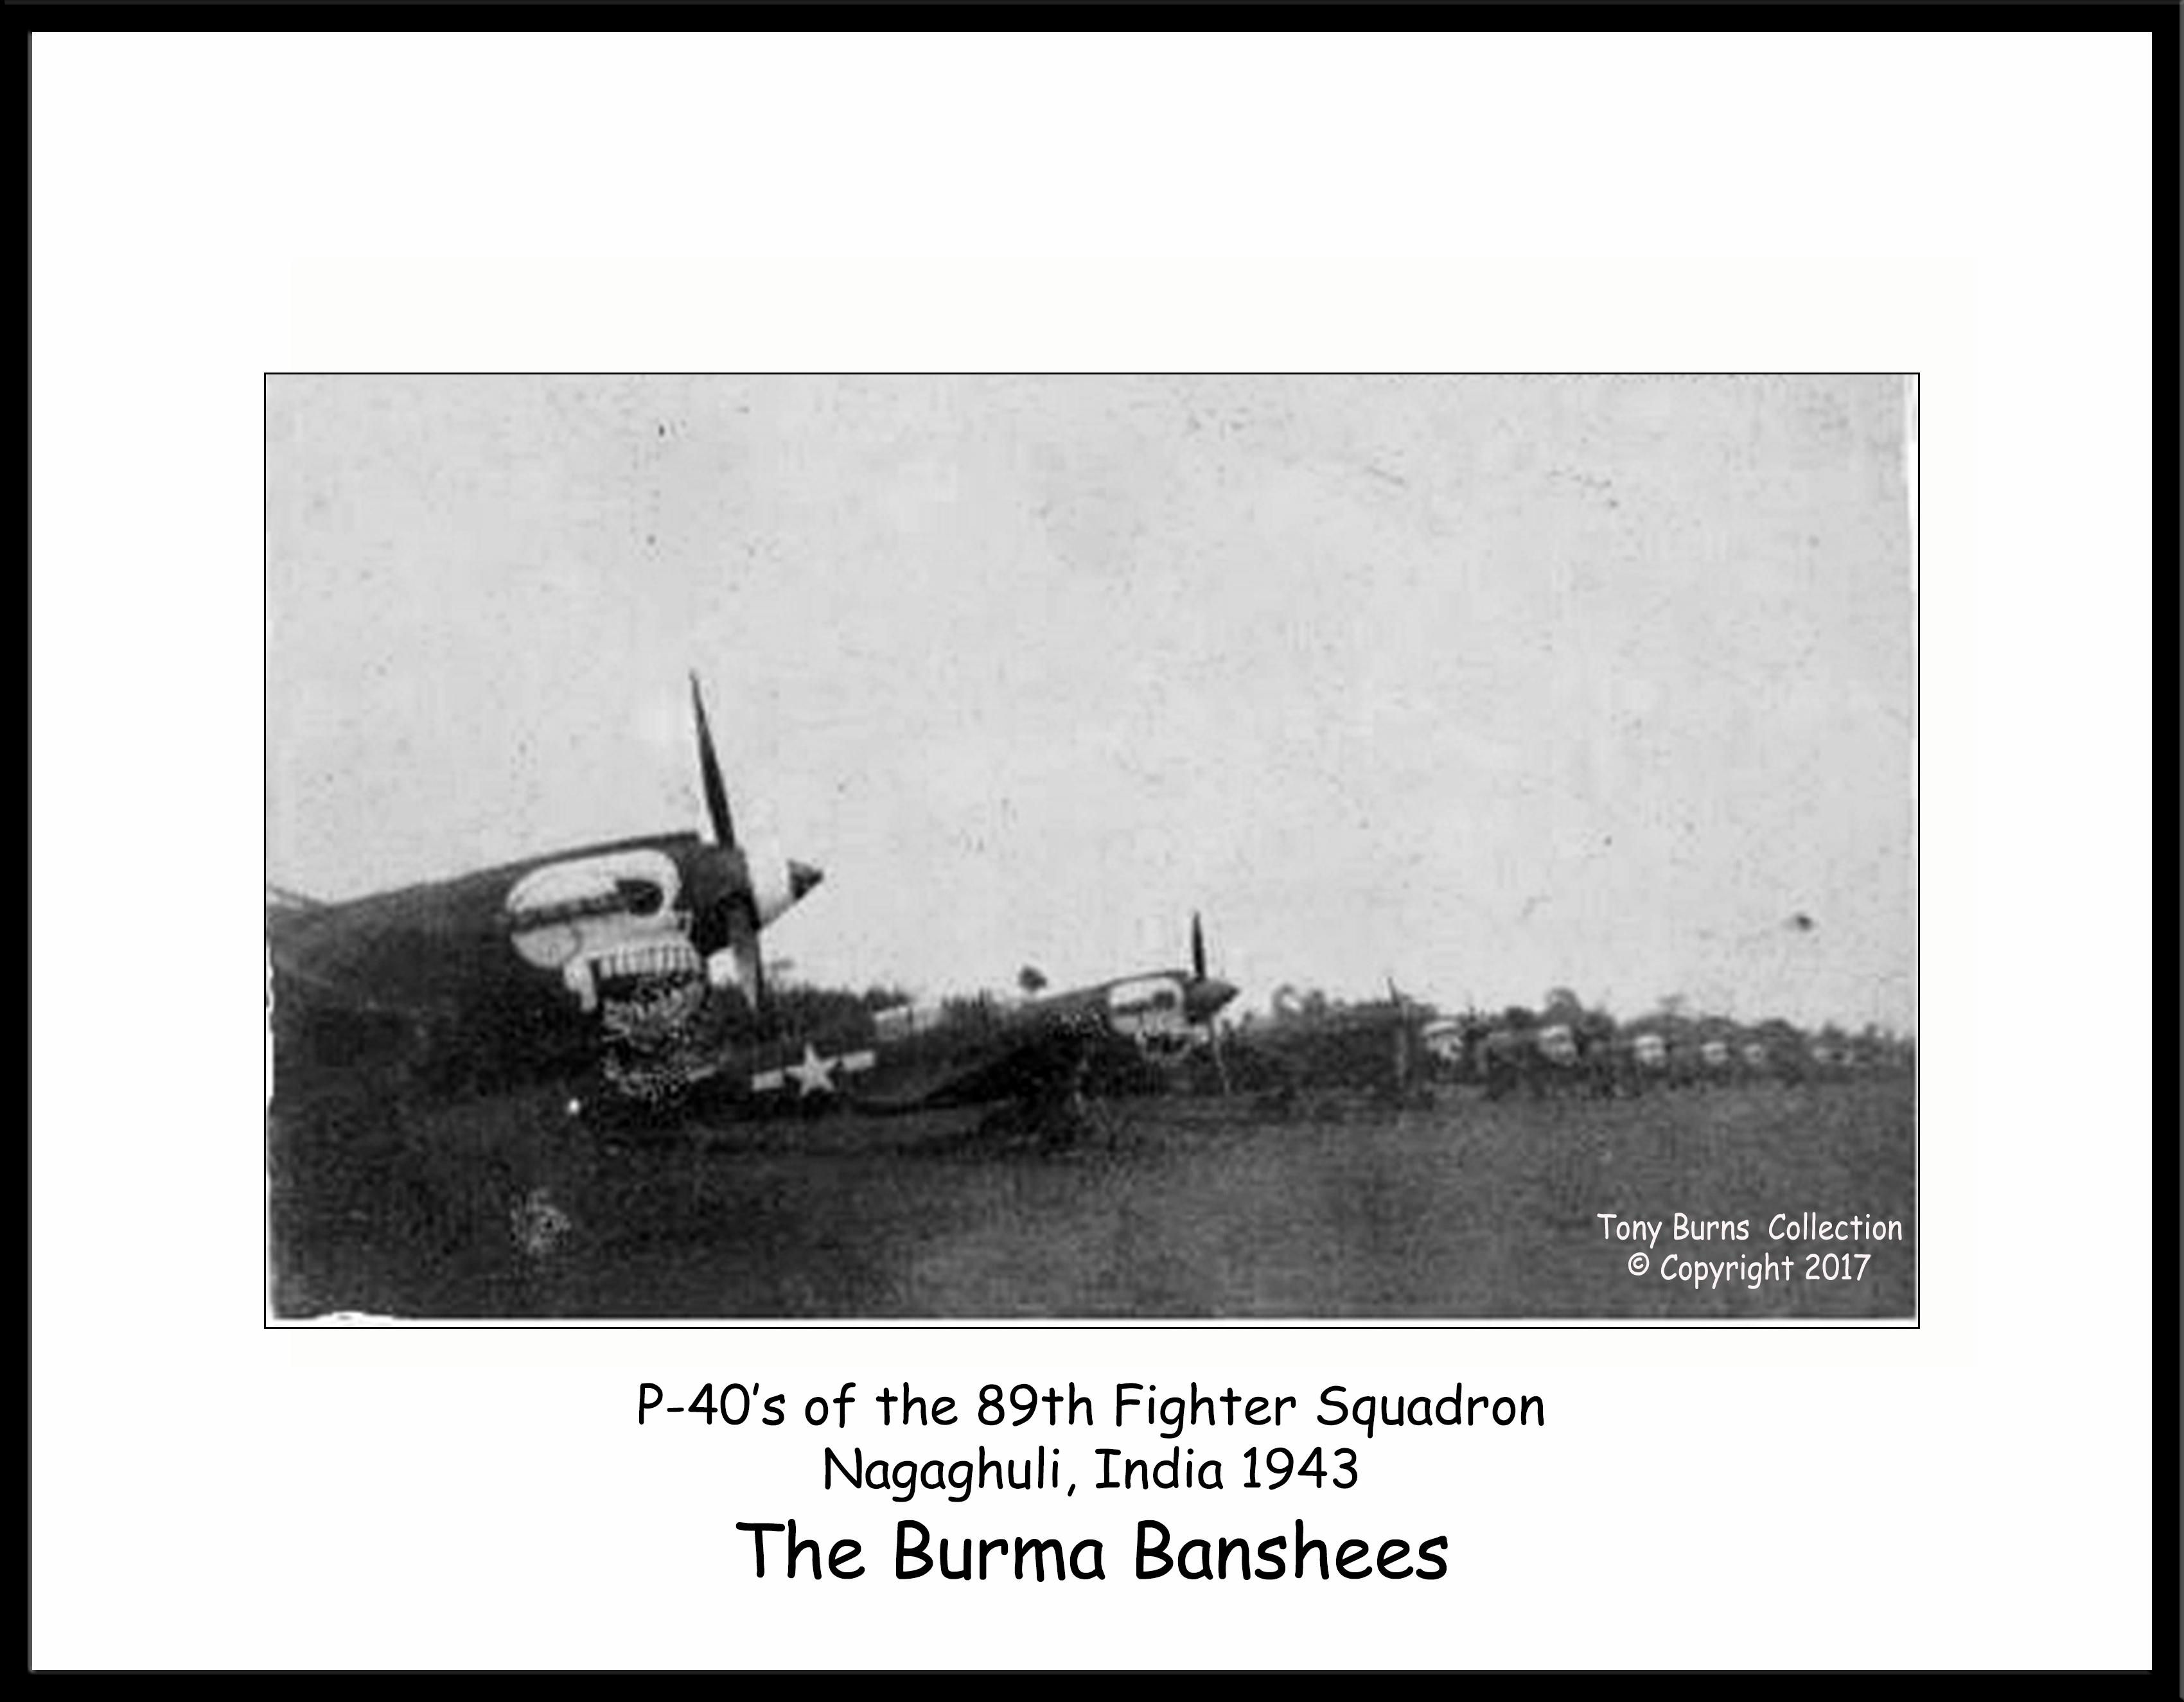 P-40N #1 & 89thFS line-up